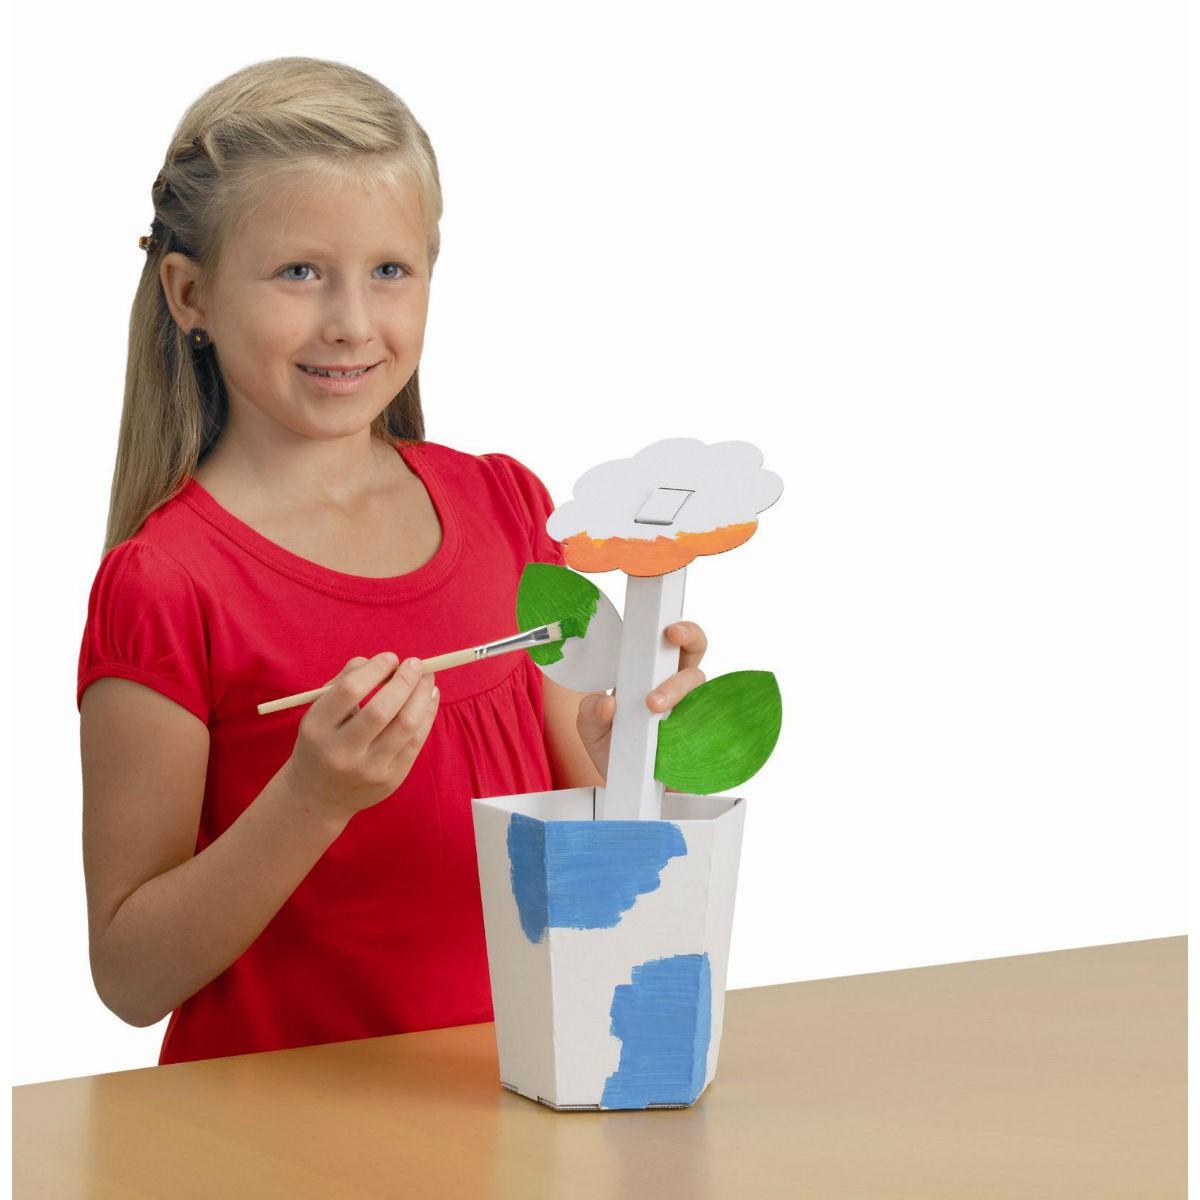 Blume aus Karton / Pappe blanko weiß zum Basteln und Bemalen, Höhe 35cm